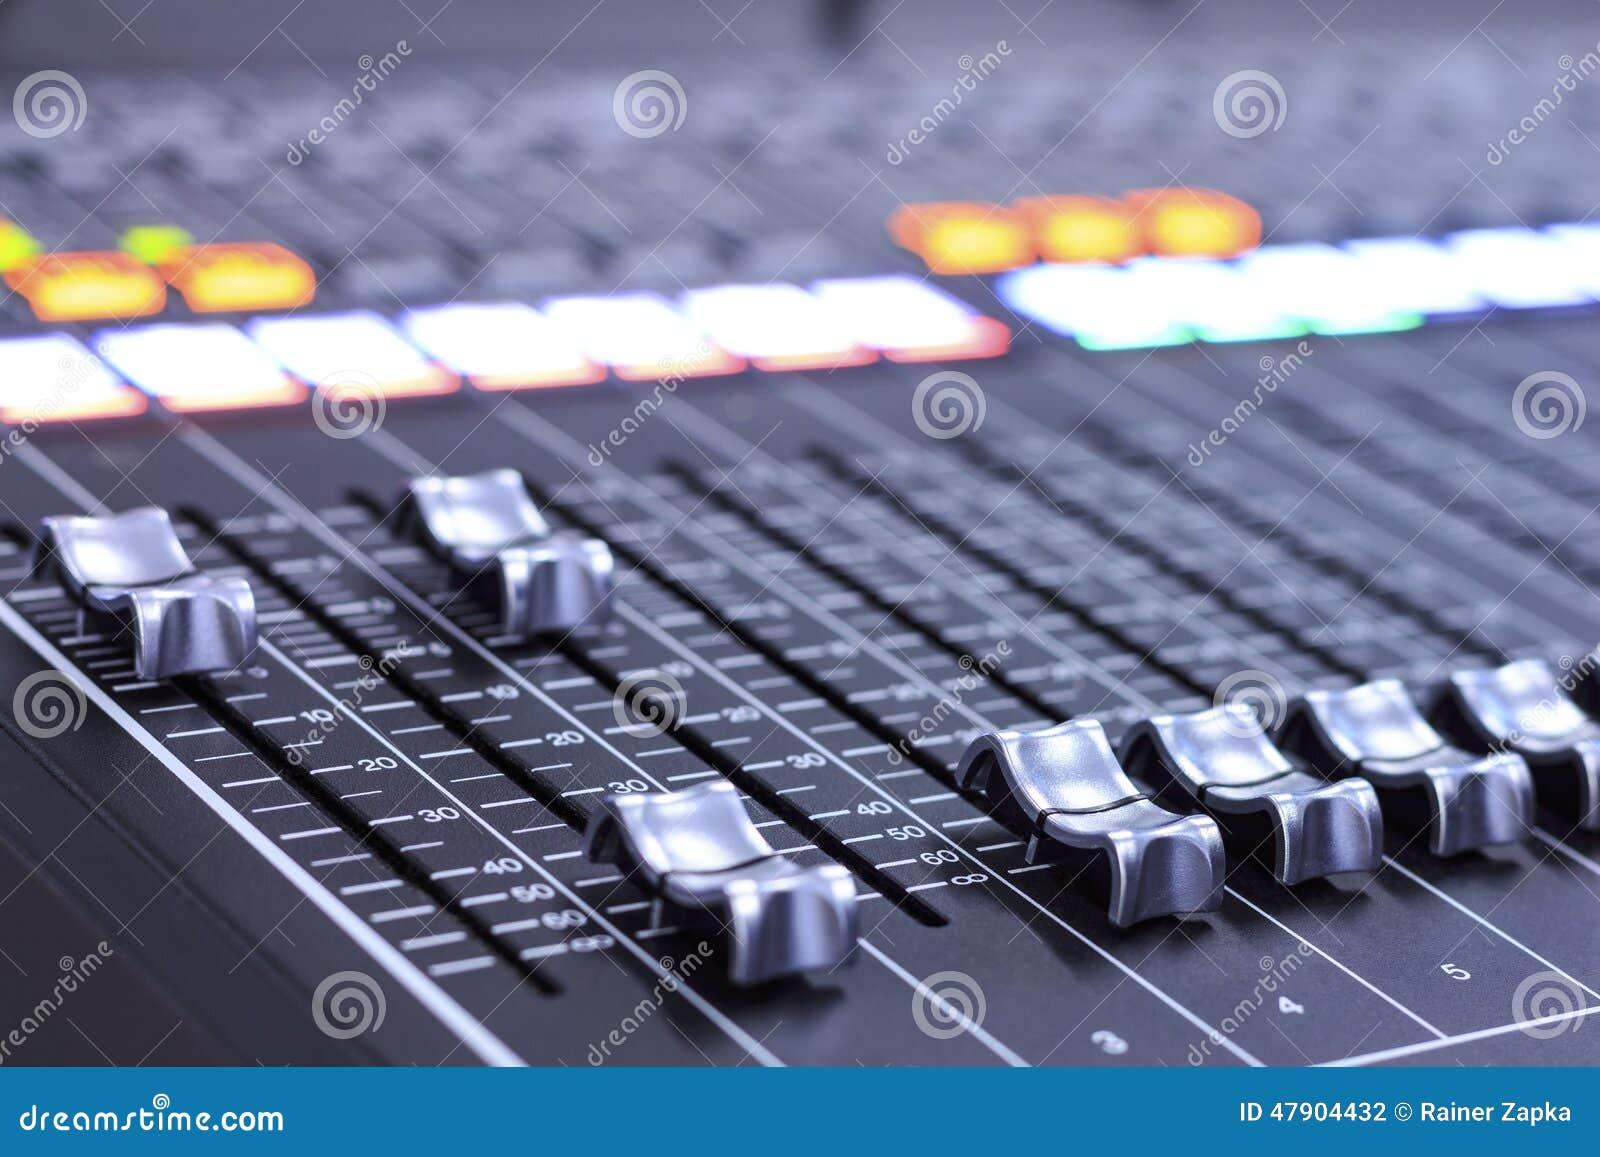 Mezclador de sonidos